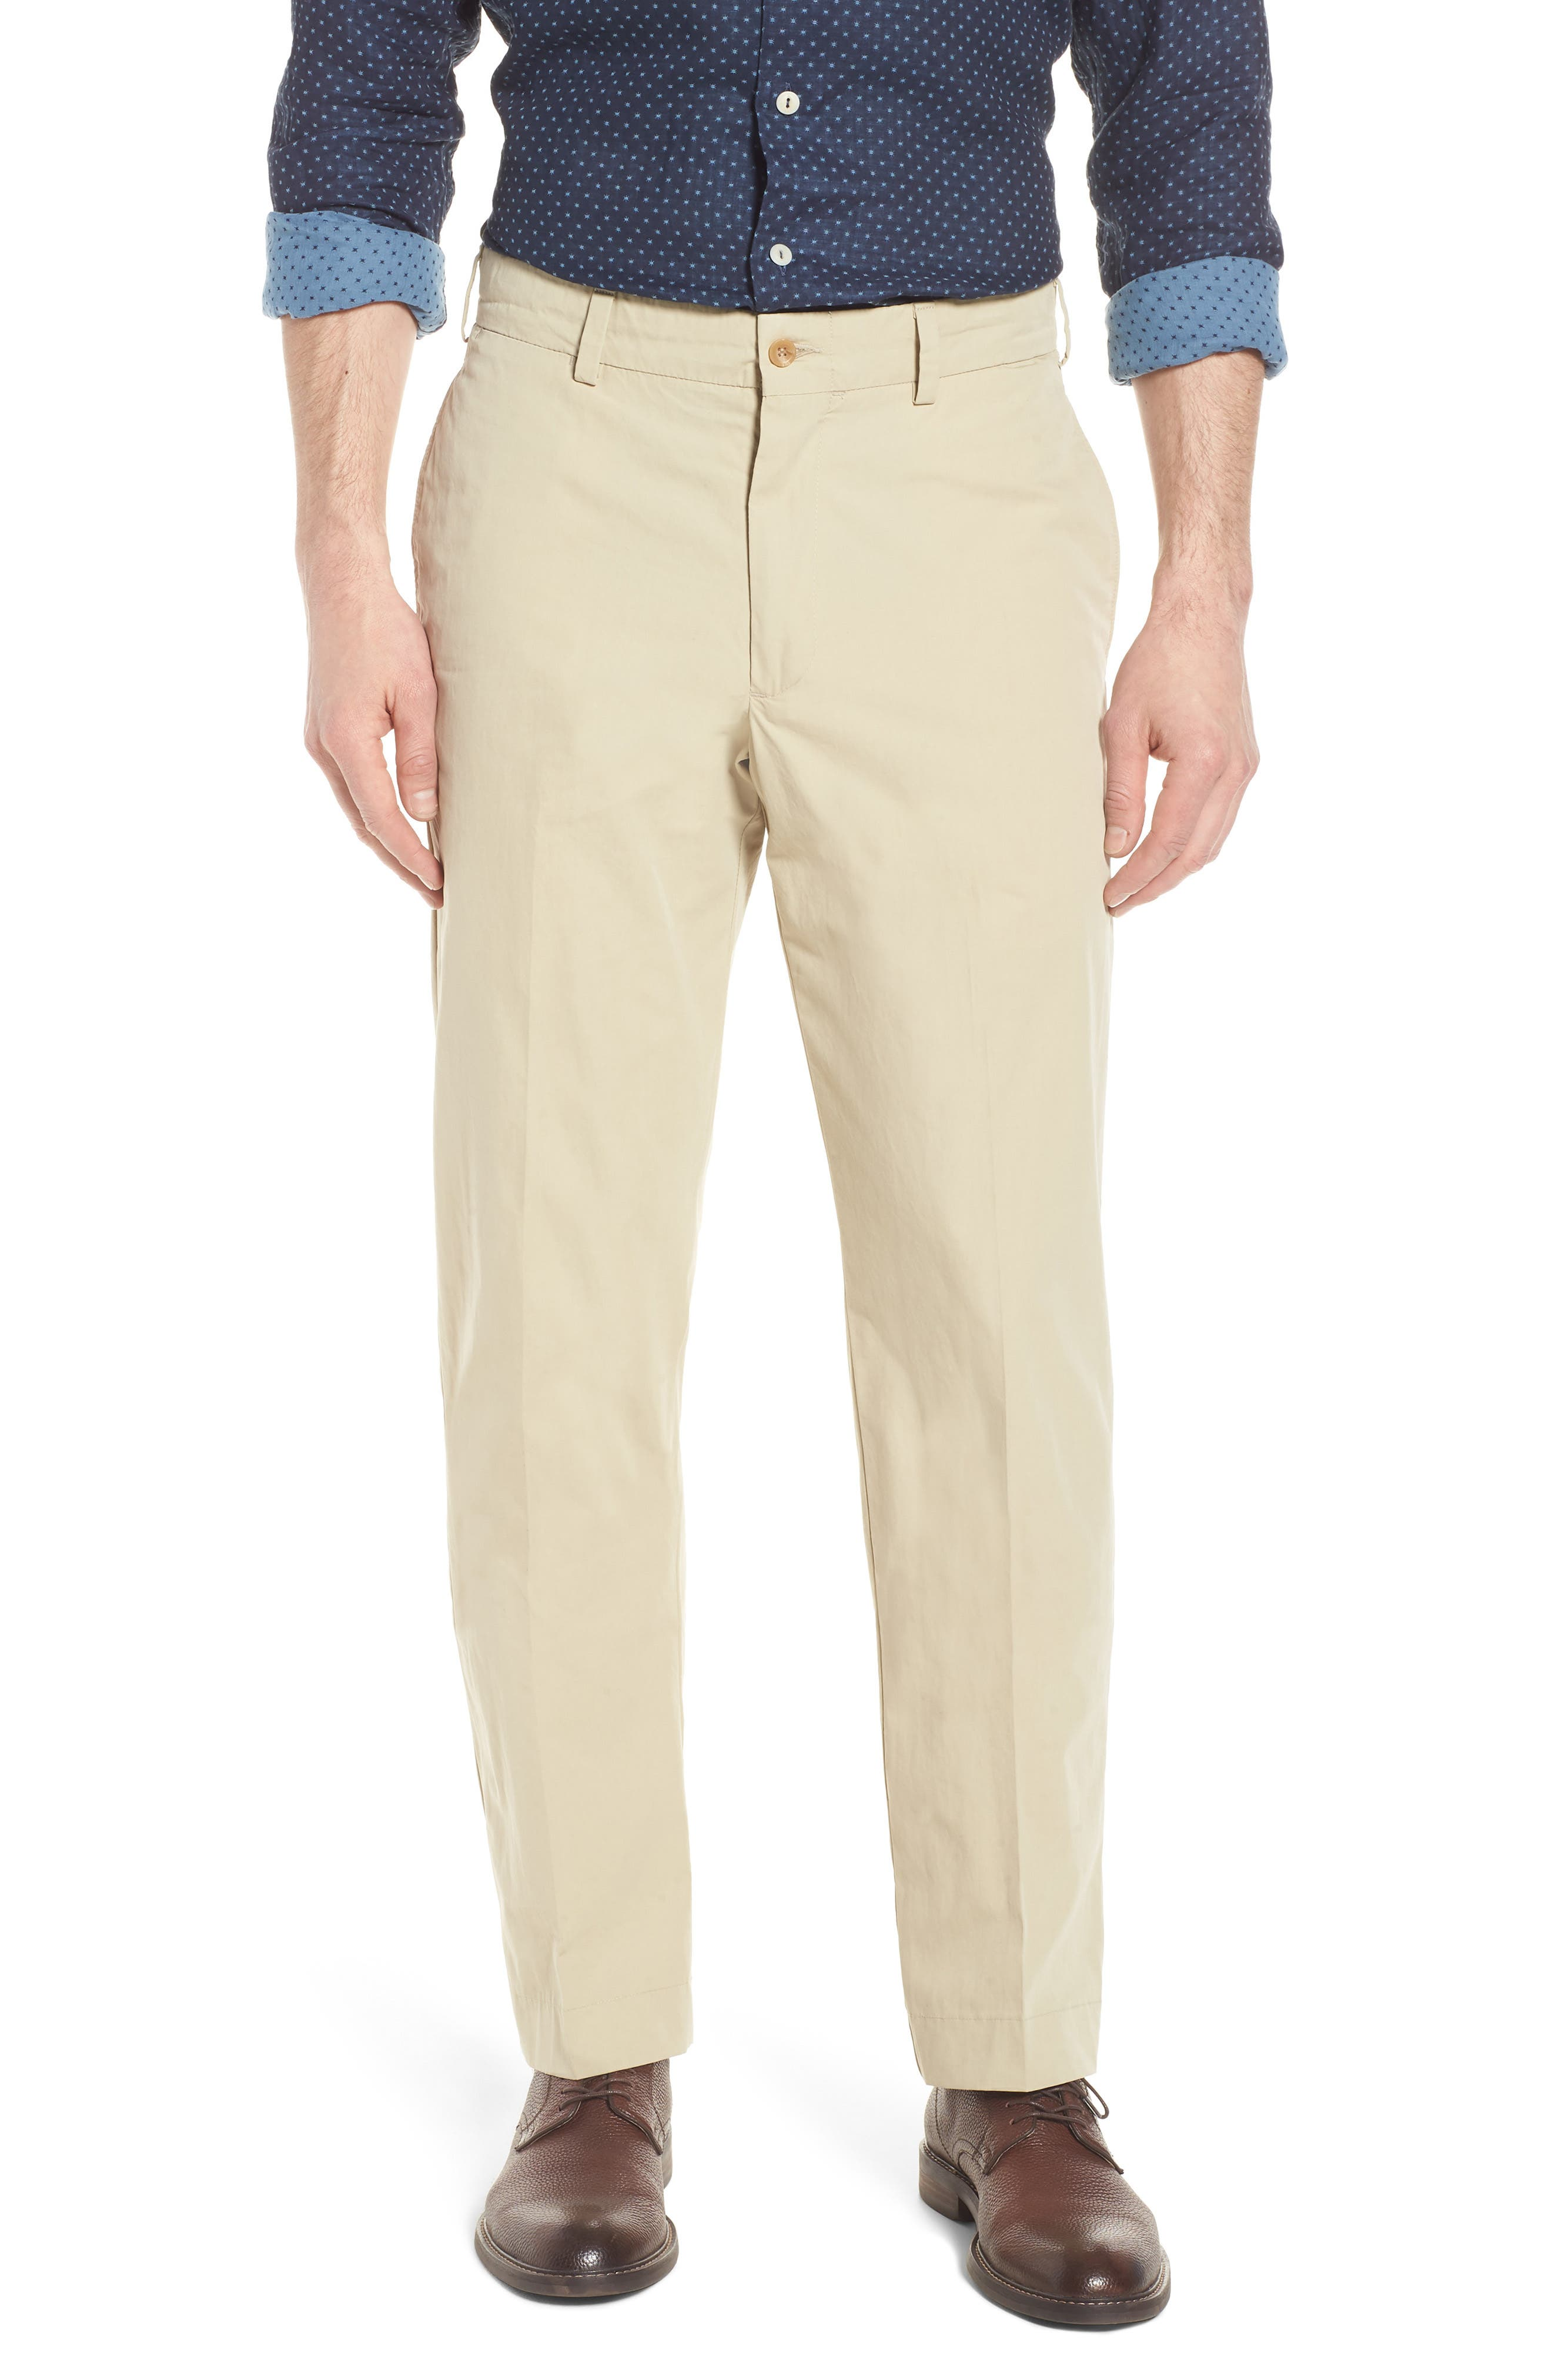 M2 Classic Fit Flat Front Tropical Cotton Poplin Pants,                             Main thumbnail 1, color,                             Khaki